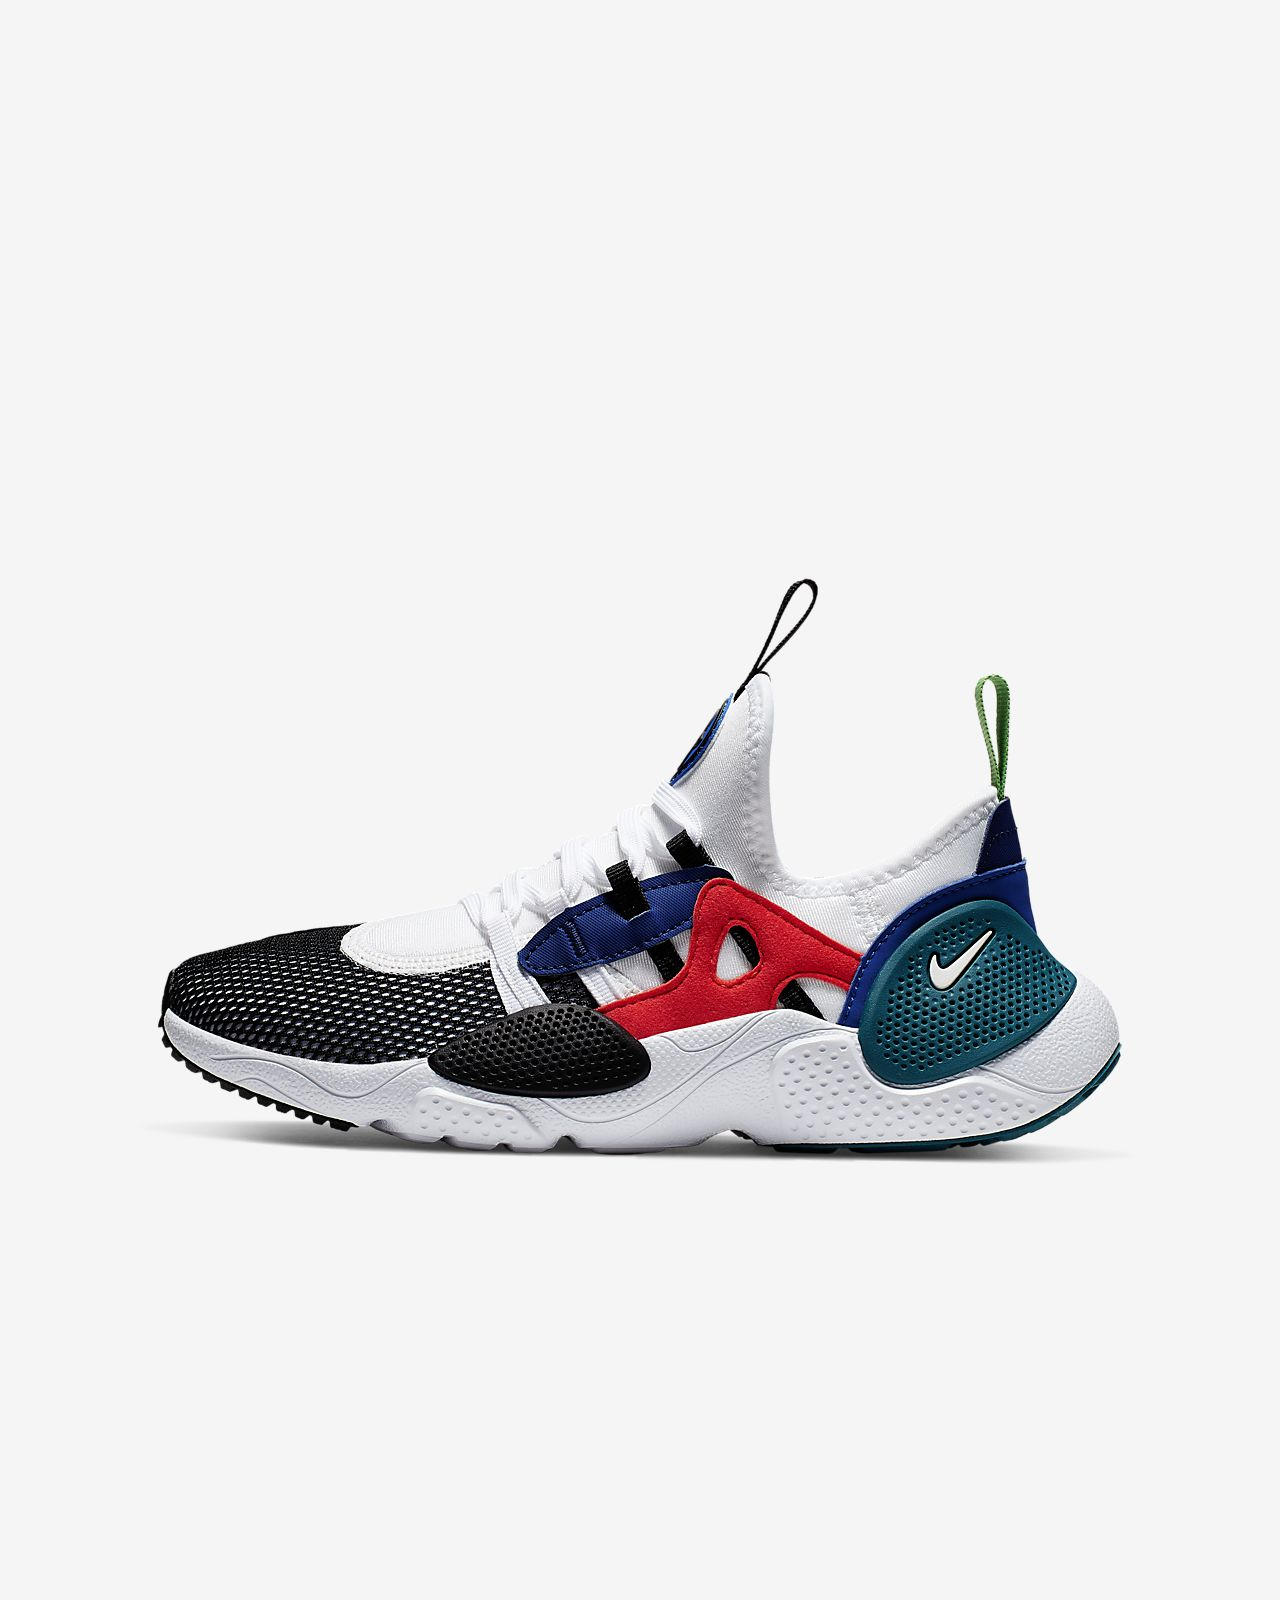 Nike Huarache E.D.G.E. TXT Big Kids' Shoe